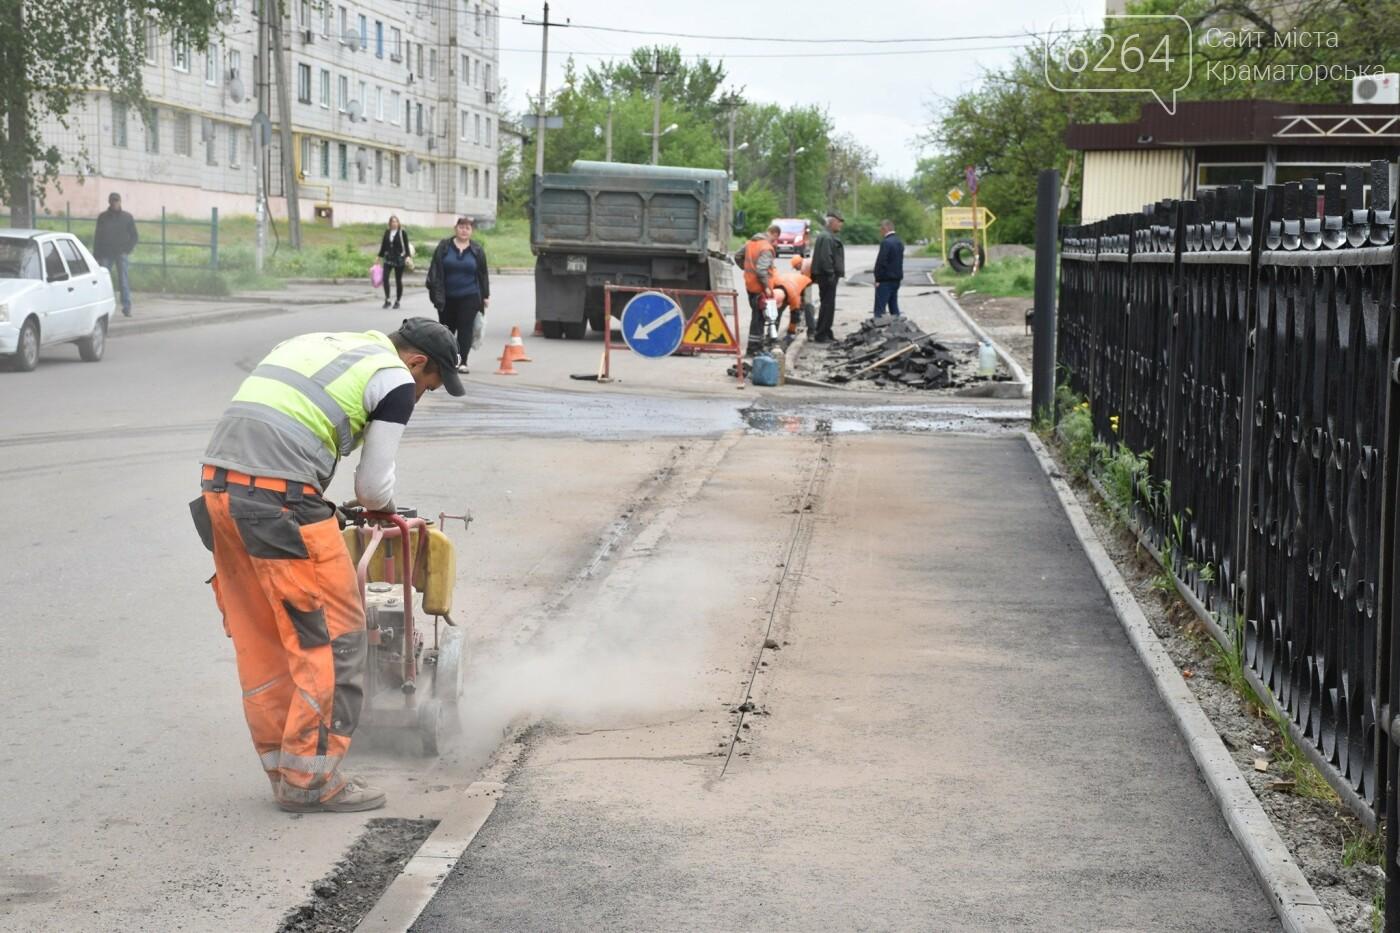 У Краматорську завершується облаштування нового скверу, а також ремонтуються внутрішньоквартальні дороги, фото-1